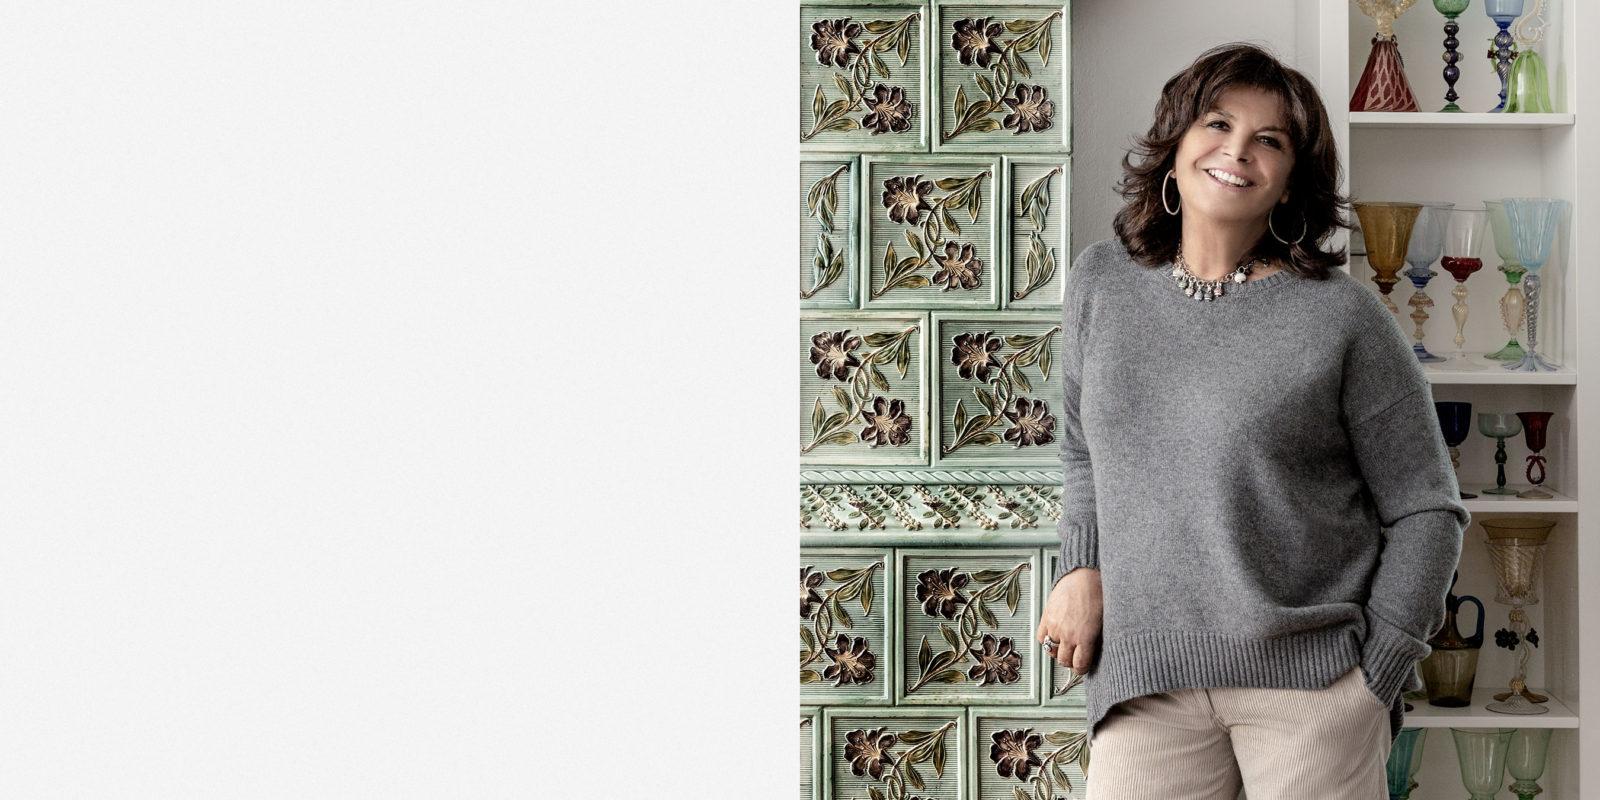 Clara Macchiella Corradini - Bioline Jatò